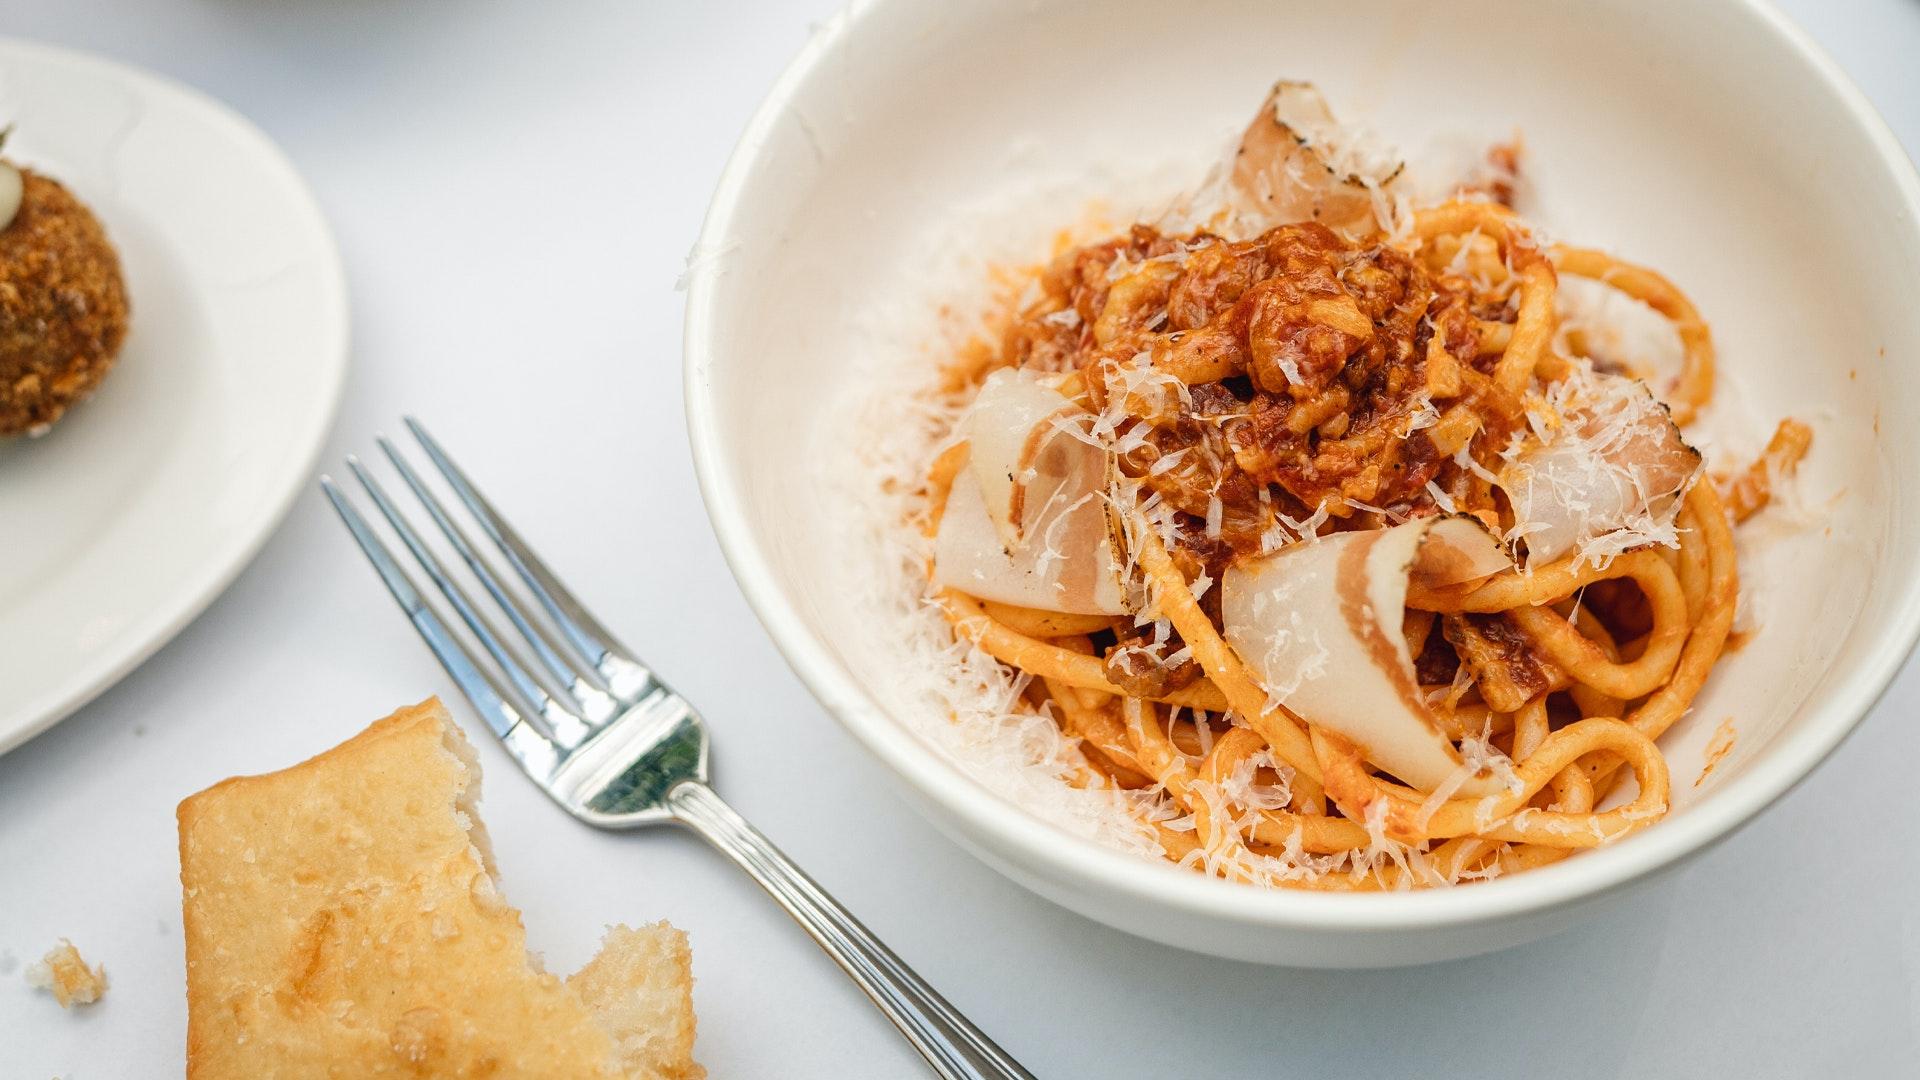 Piazza Sociale, un nouveau concept de restauration italienne verra le jour le 22 septembre prochain sous l'impressionnant Pavillon de verre PVM, au Cathcart Restaurants et Biergarten à PVM.